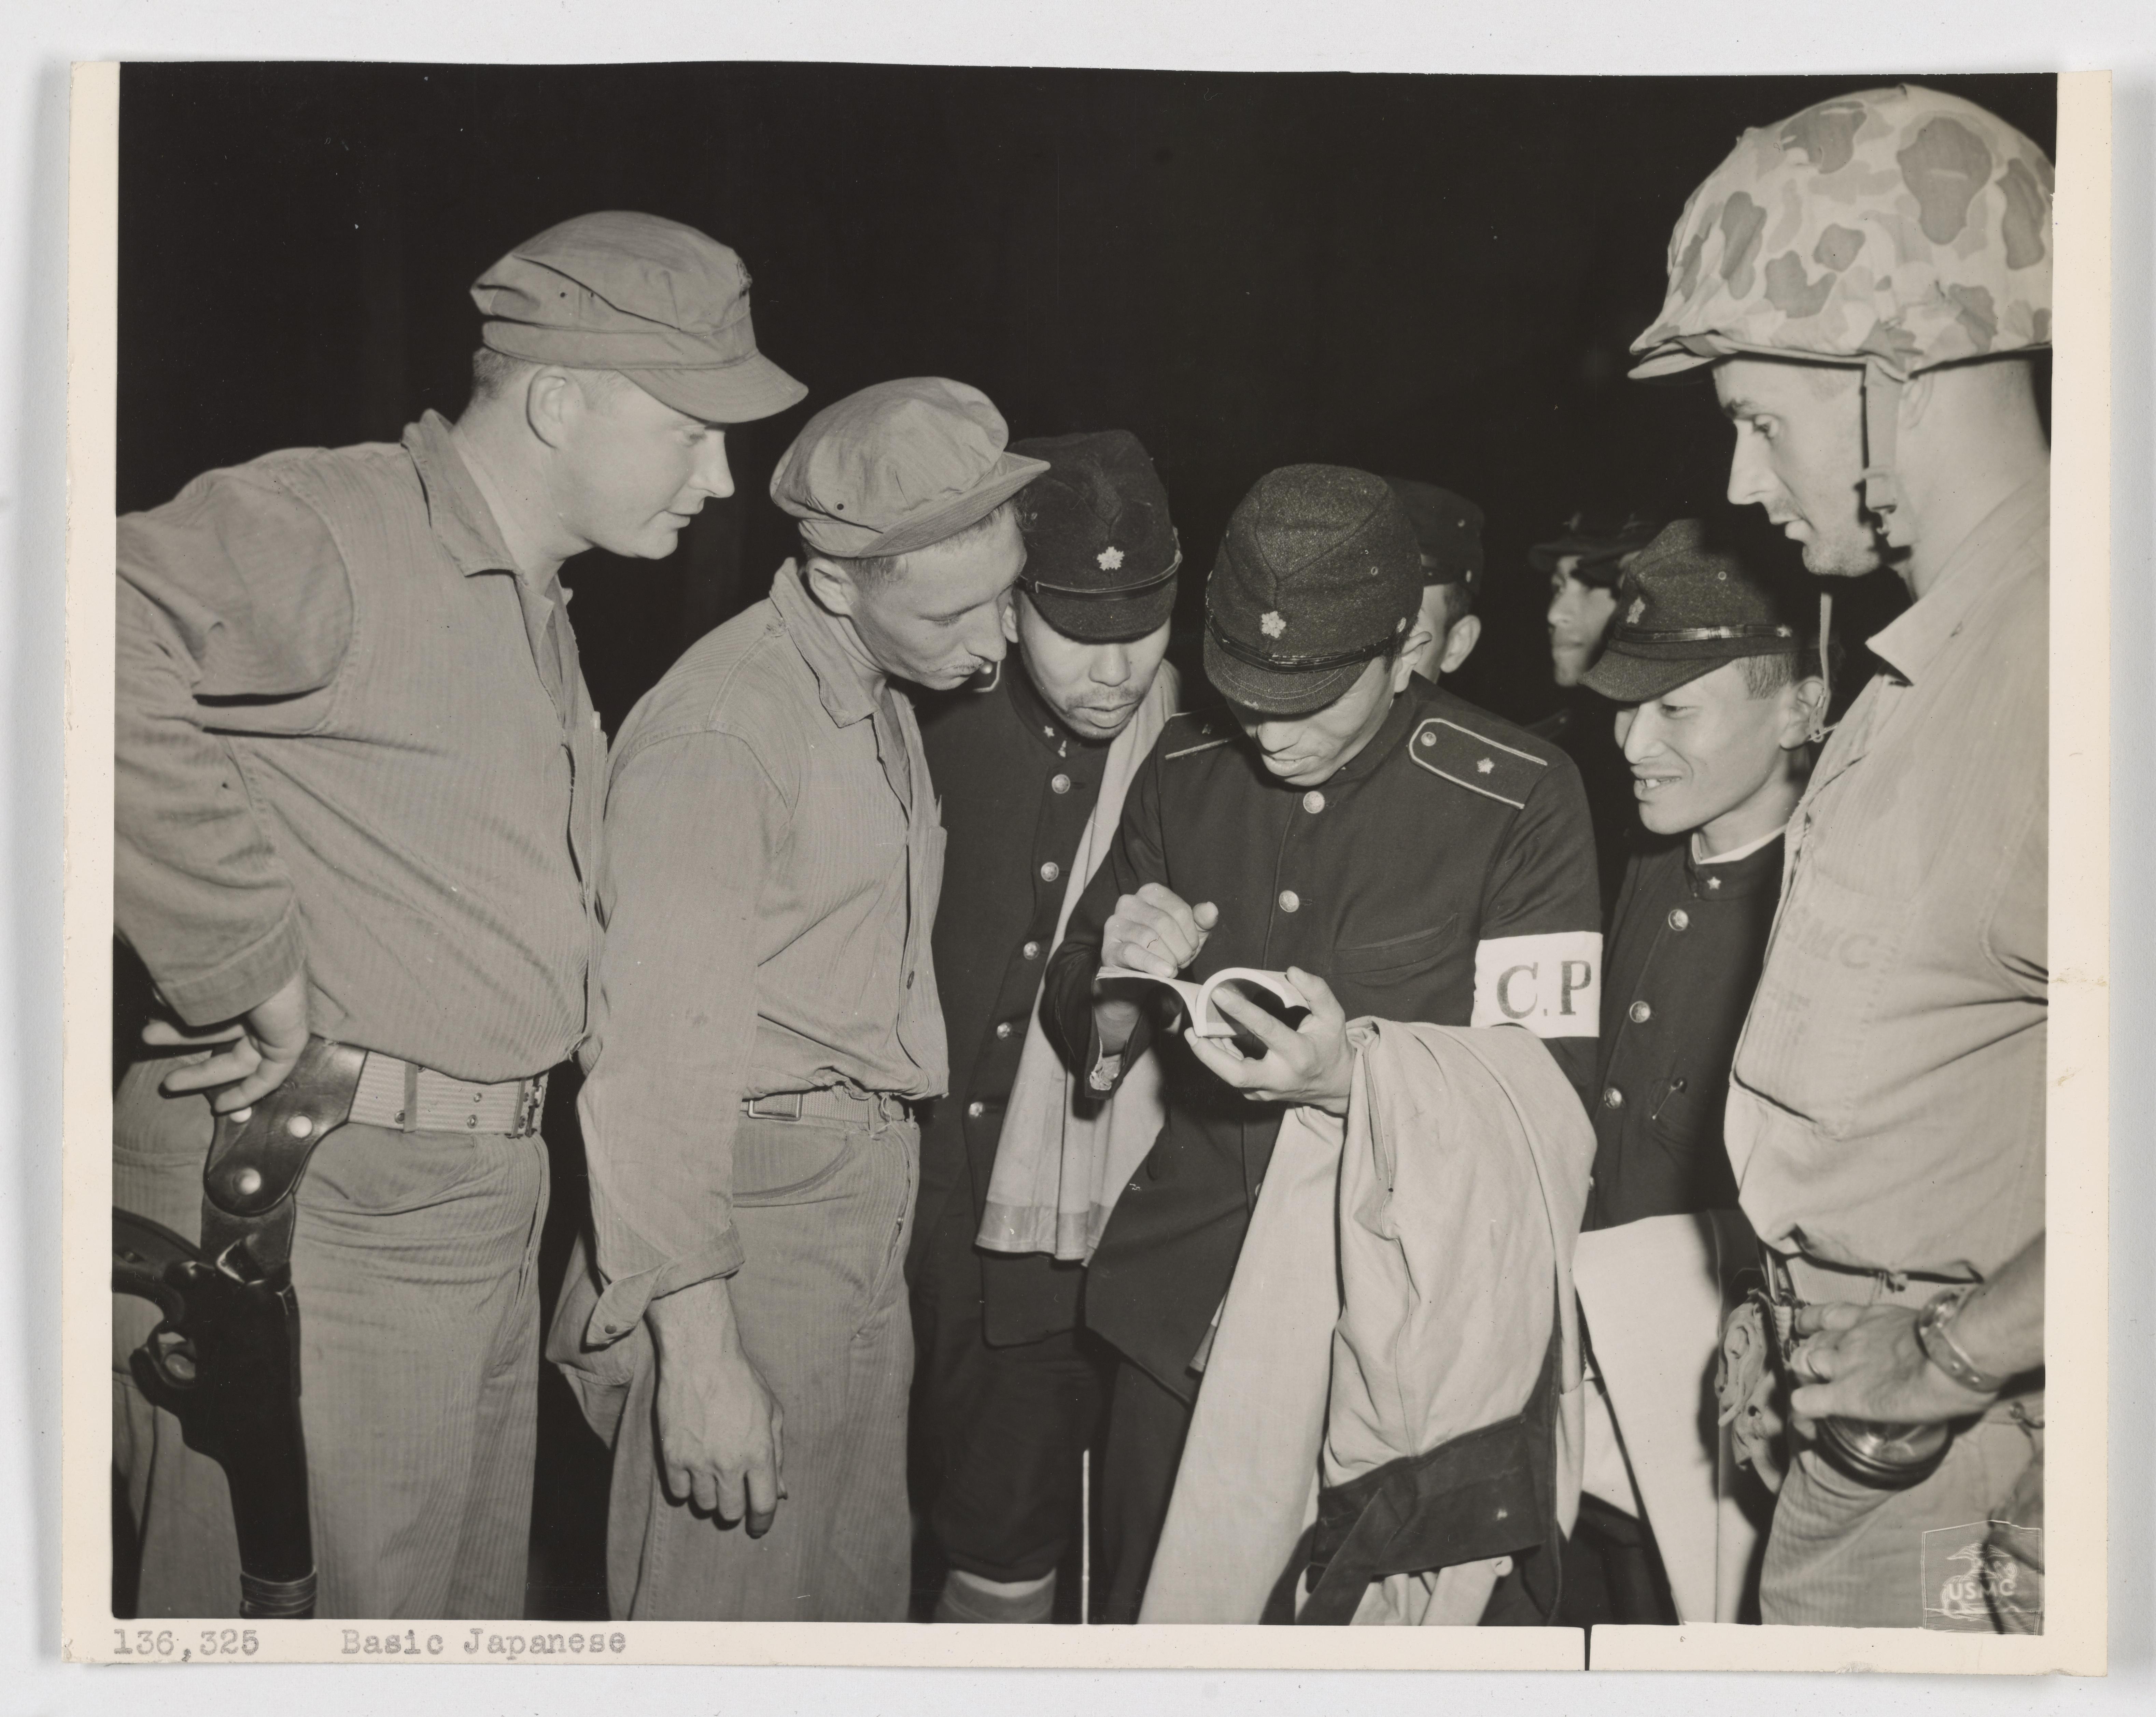 World War II – Japan